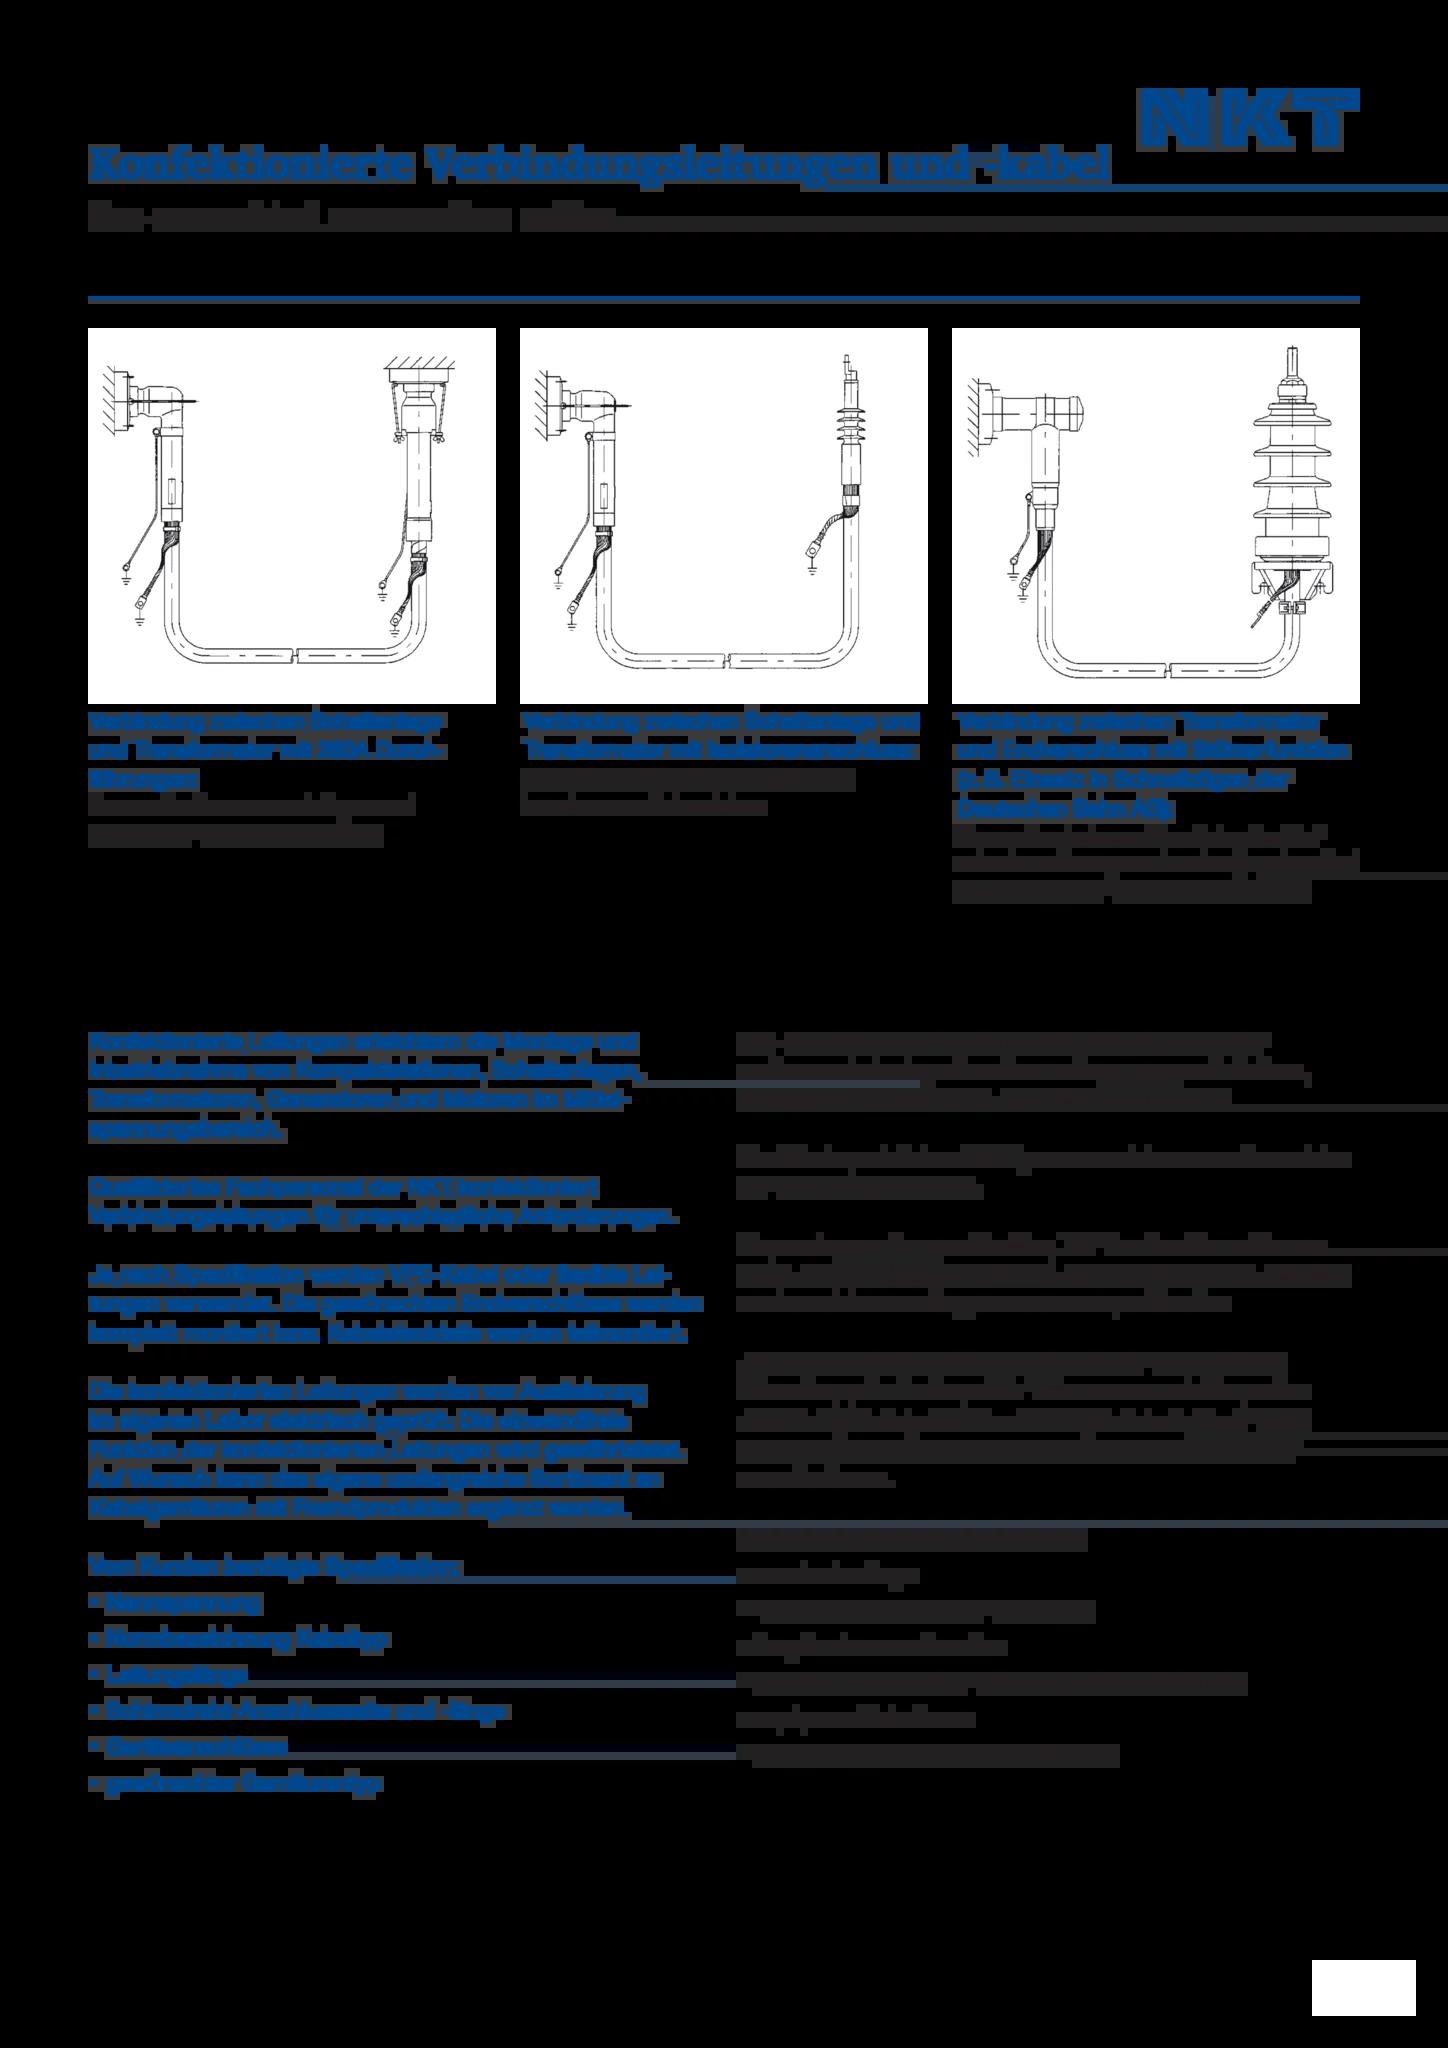 datasheets_MV-MS_Preassembled-cables-KonfektionierteKabel_12-2018.pdf